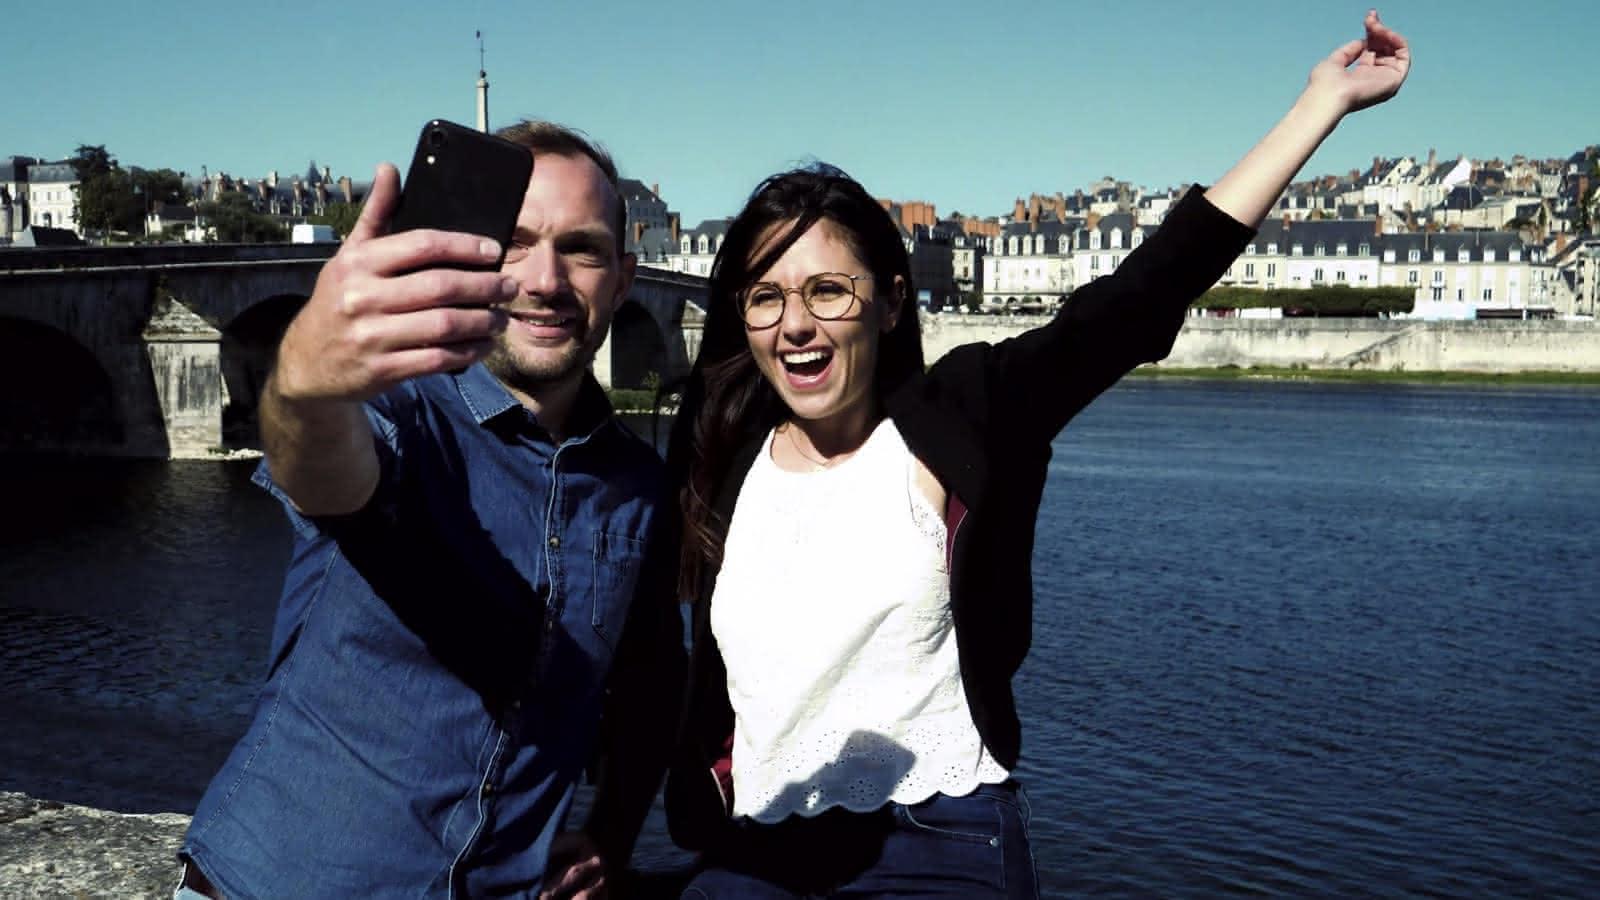 Escapade et city break en amoureux dans la ville royale de Blois ©StudioMir